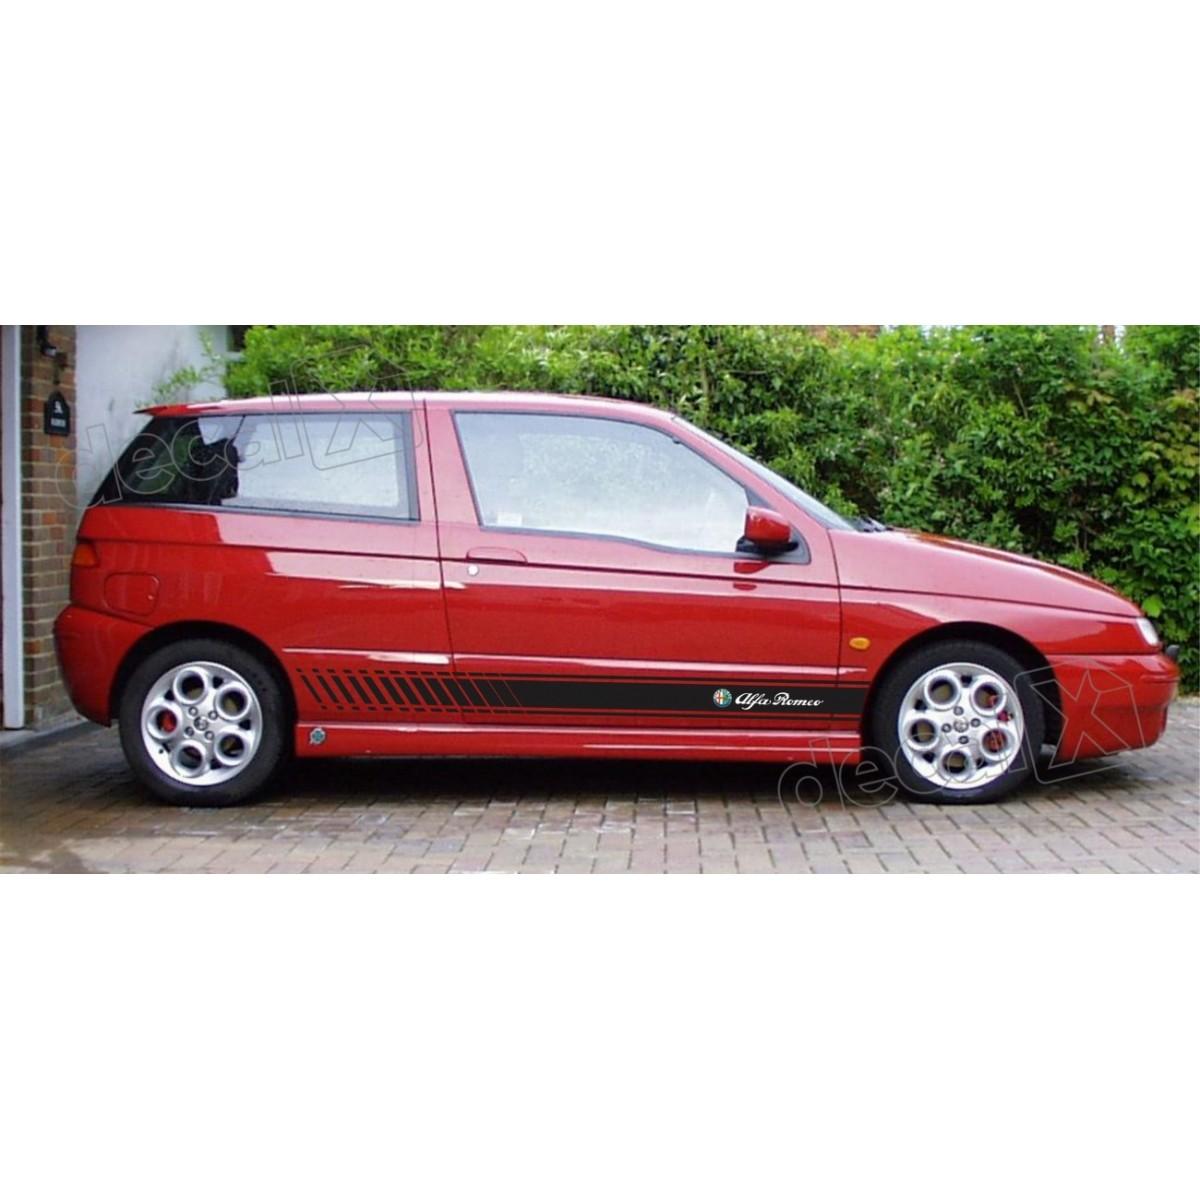 Adesivo Alfa Romeo Faixa Lateral 3m 1451